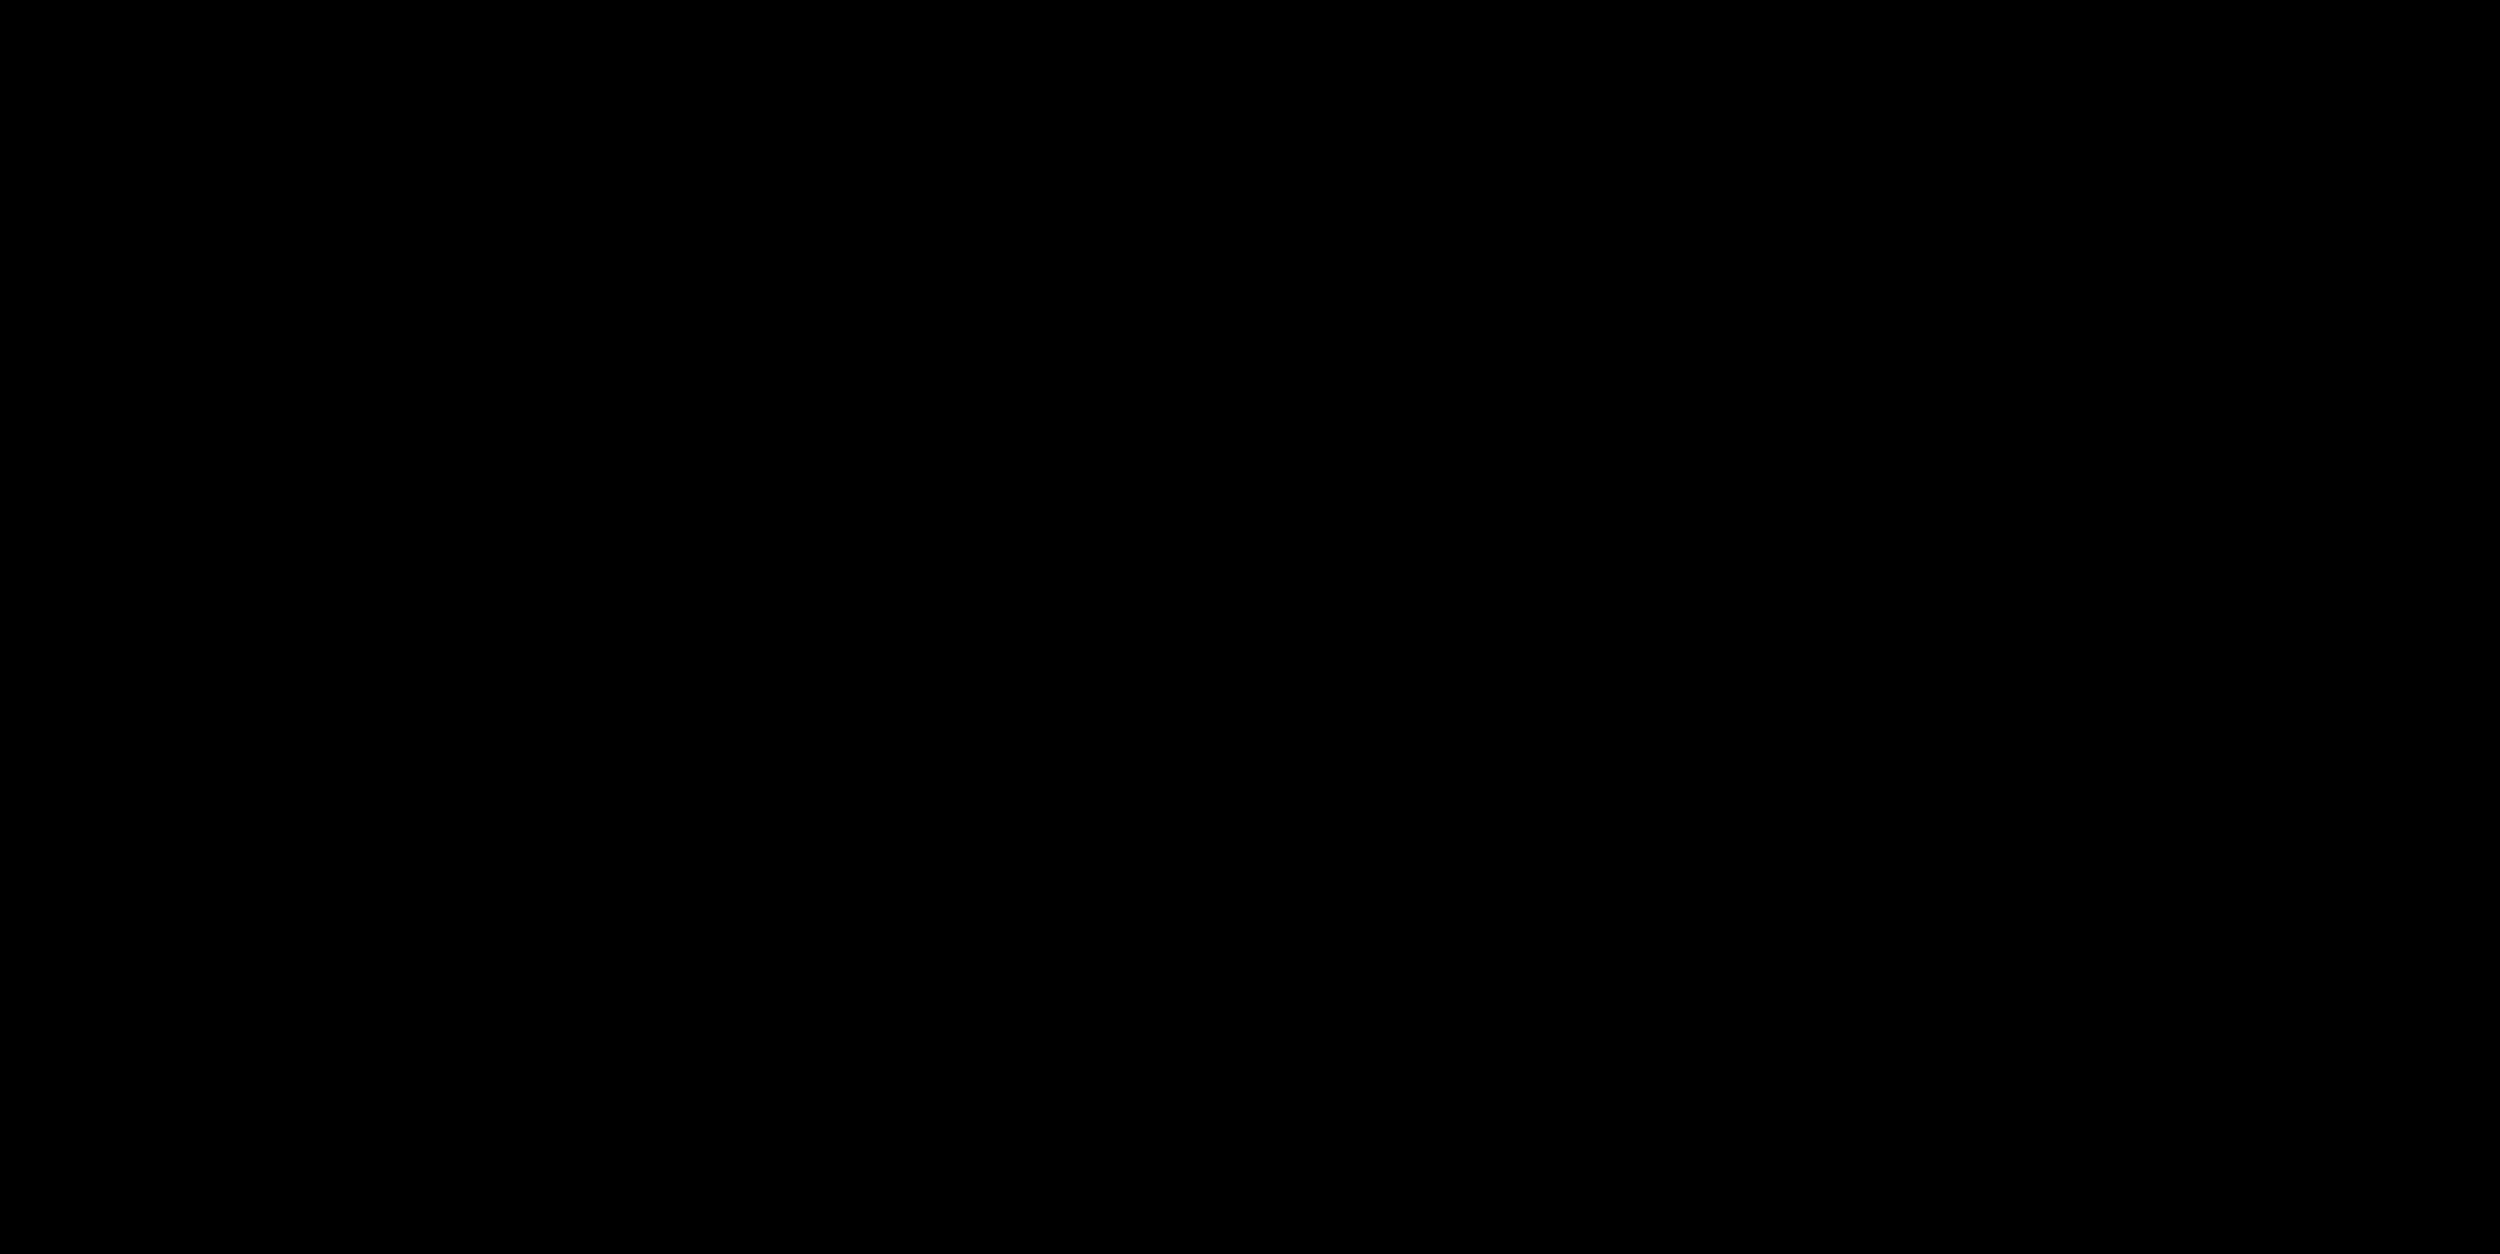 Logo_Lunar_Aligned.png